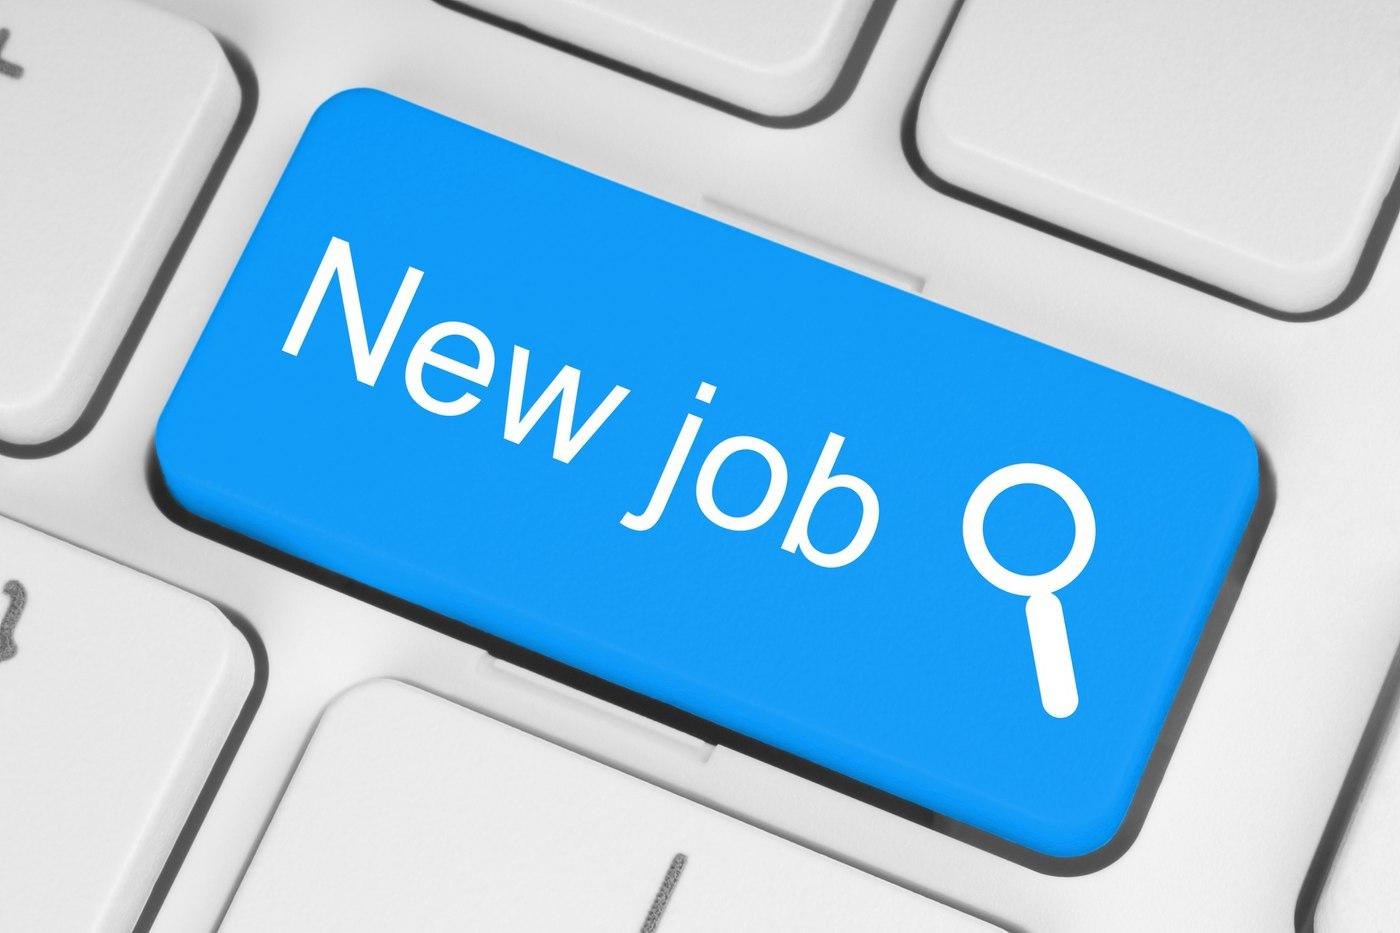 new_job_key.jpeg